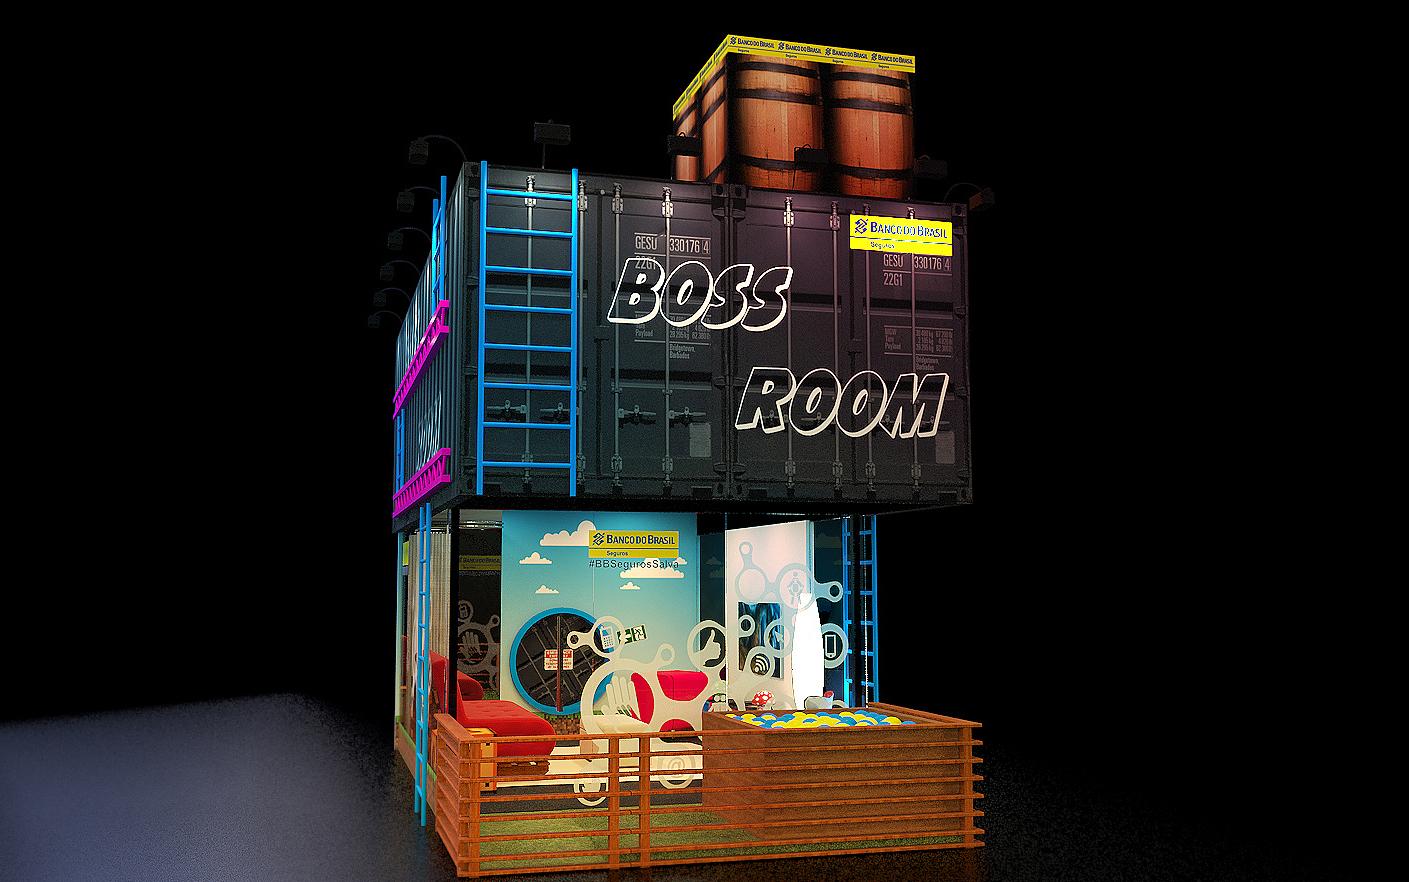 Boss Room - Banco do Brasil